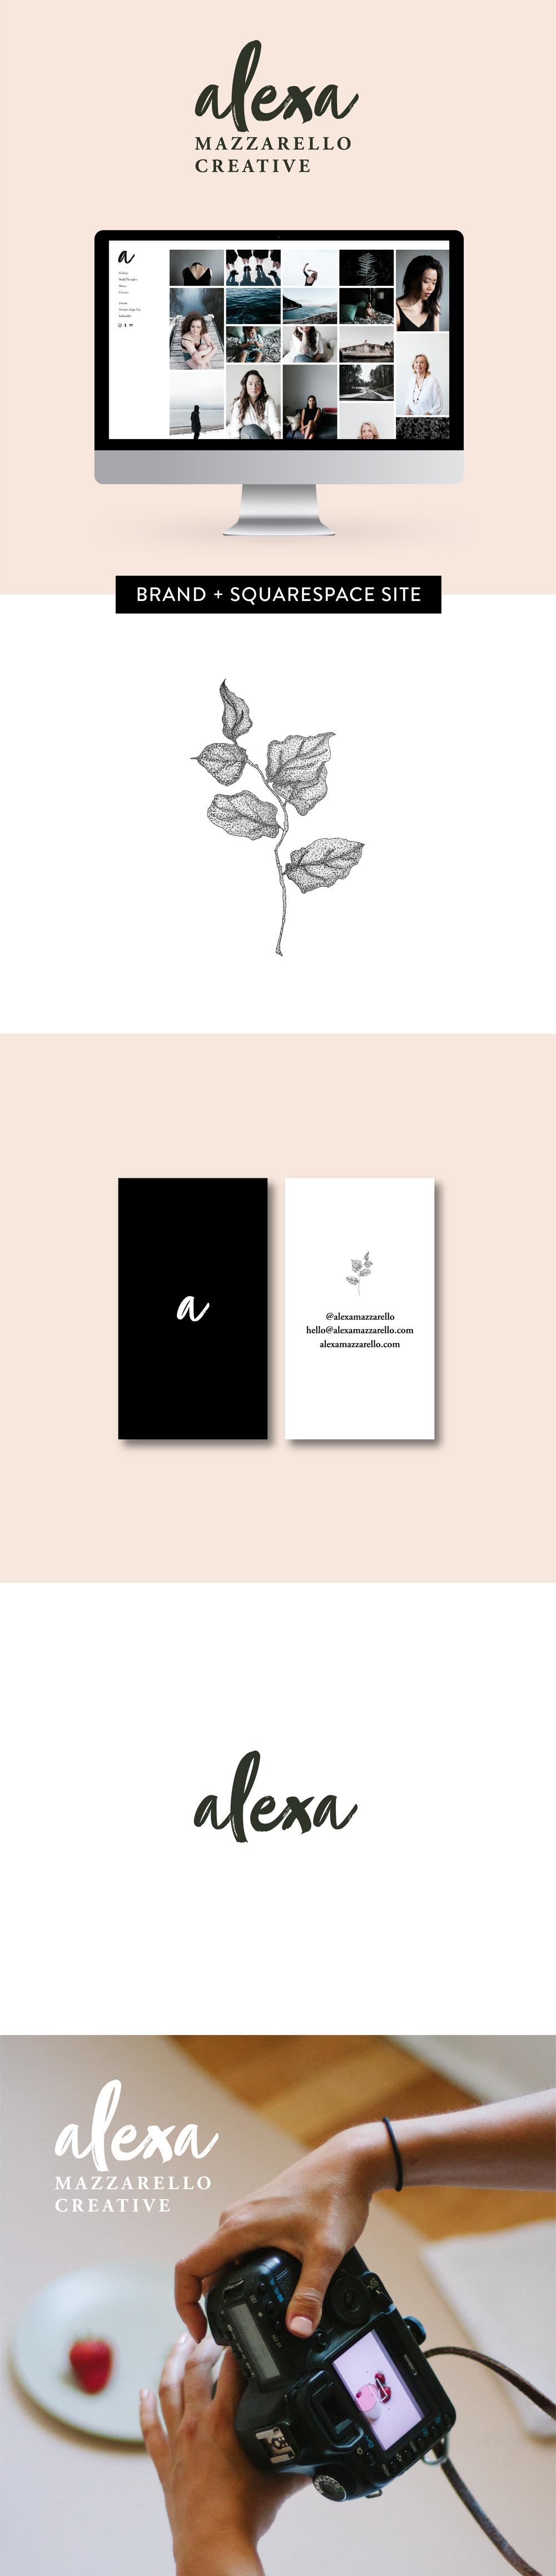 Brand design and Squarespace website development for Alexa Mazzarello Creative by Salt Design Co.